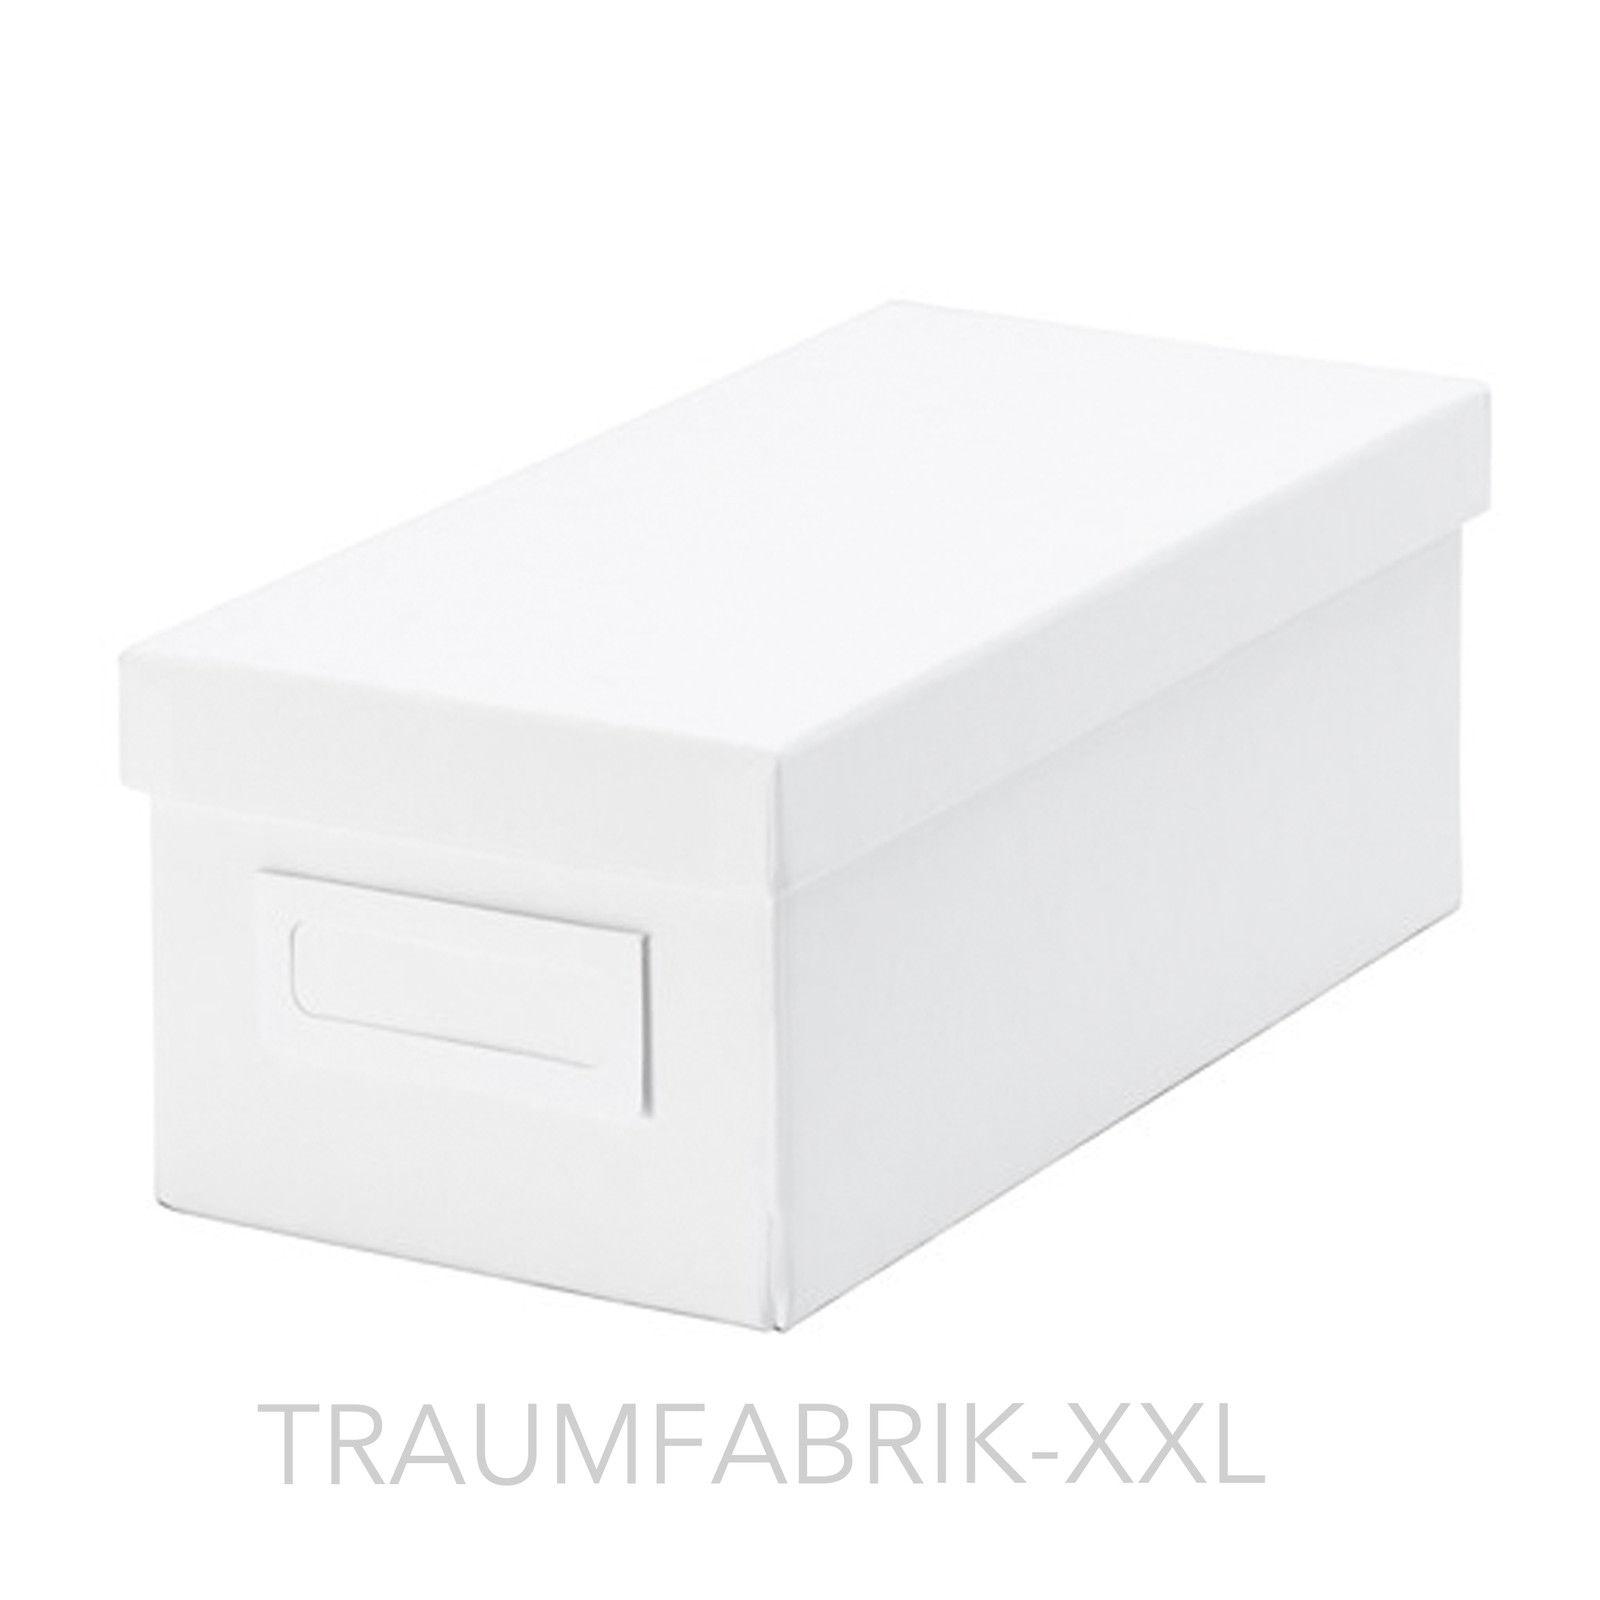 plastikbox mit deckel stck praktische kunststoff mit. Black Bedroom Furniture Sets. Home Design Ideas